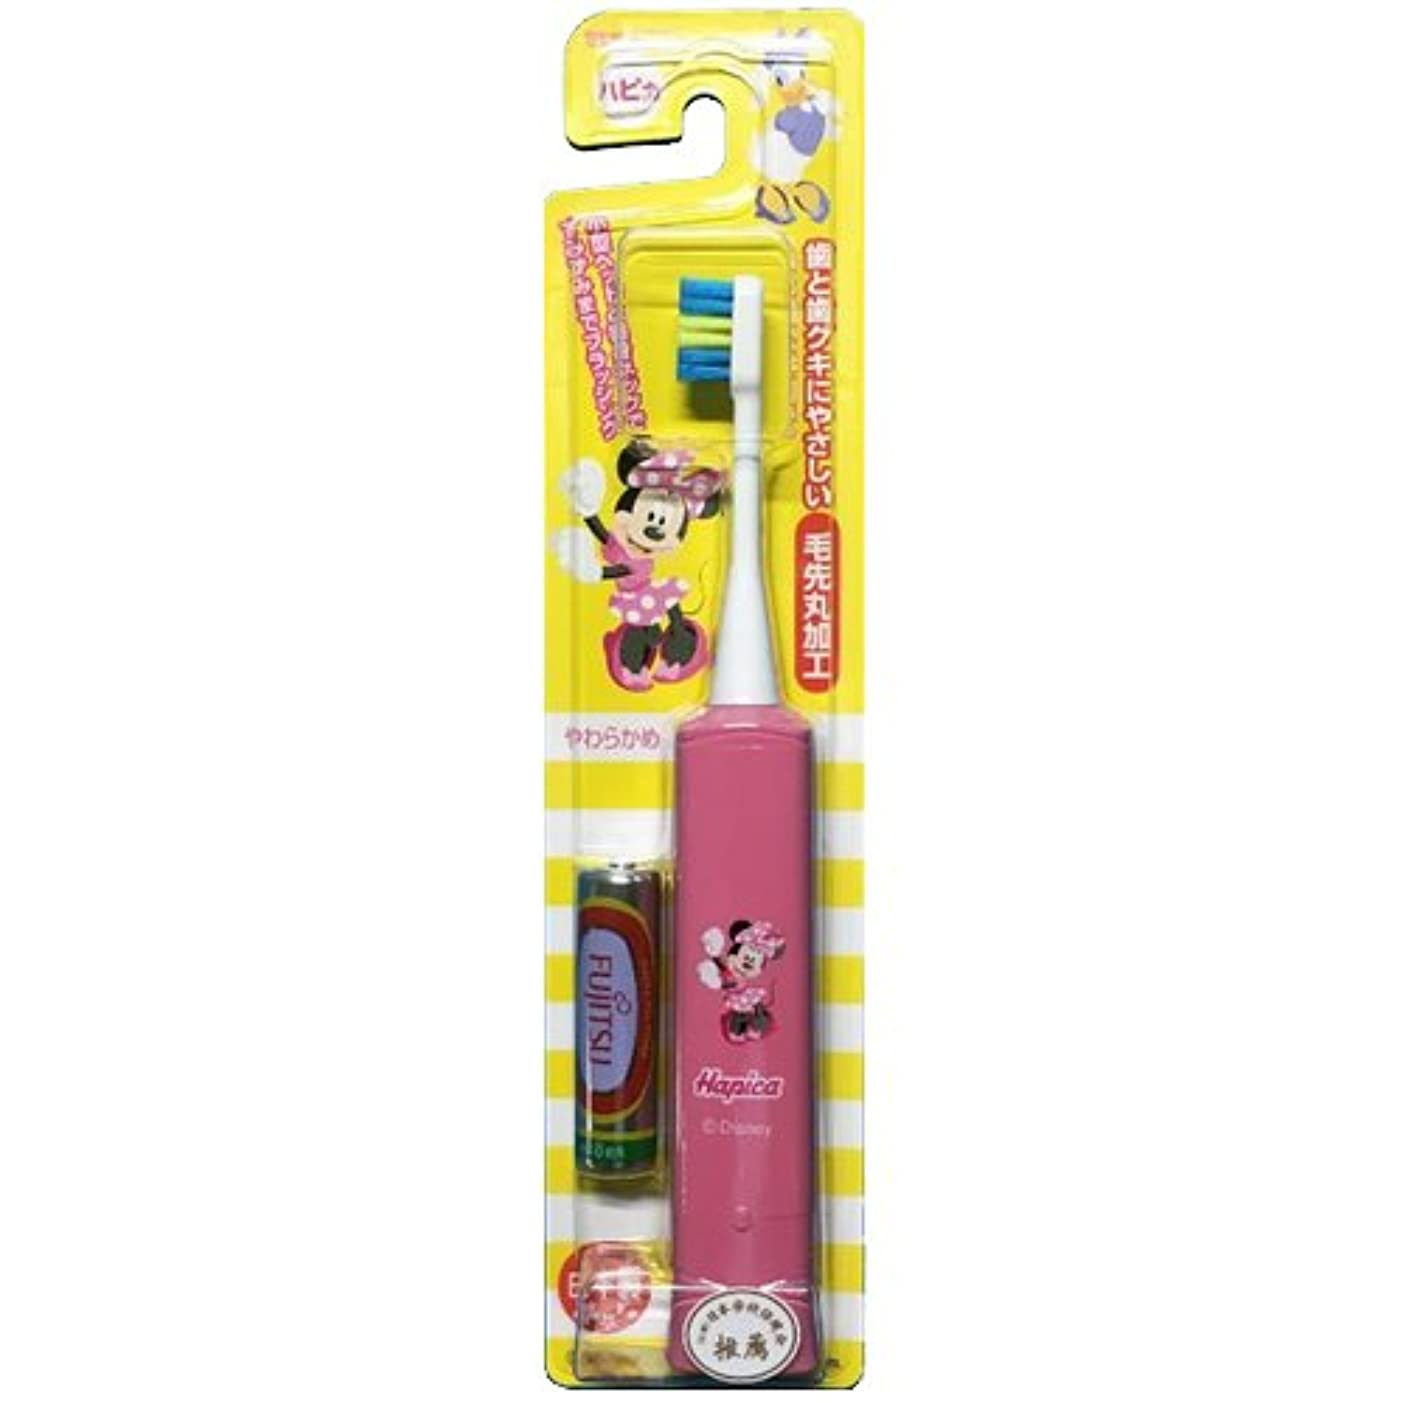 ヒューマニスティック控えめなバーベキューミニマム 電動付歯ブラシ こどもハピカ ミニー(ピンク) 毛の硬さ:やわらかめ DBK-5P(MK)